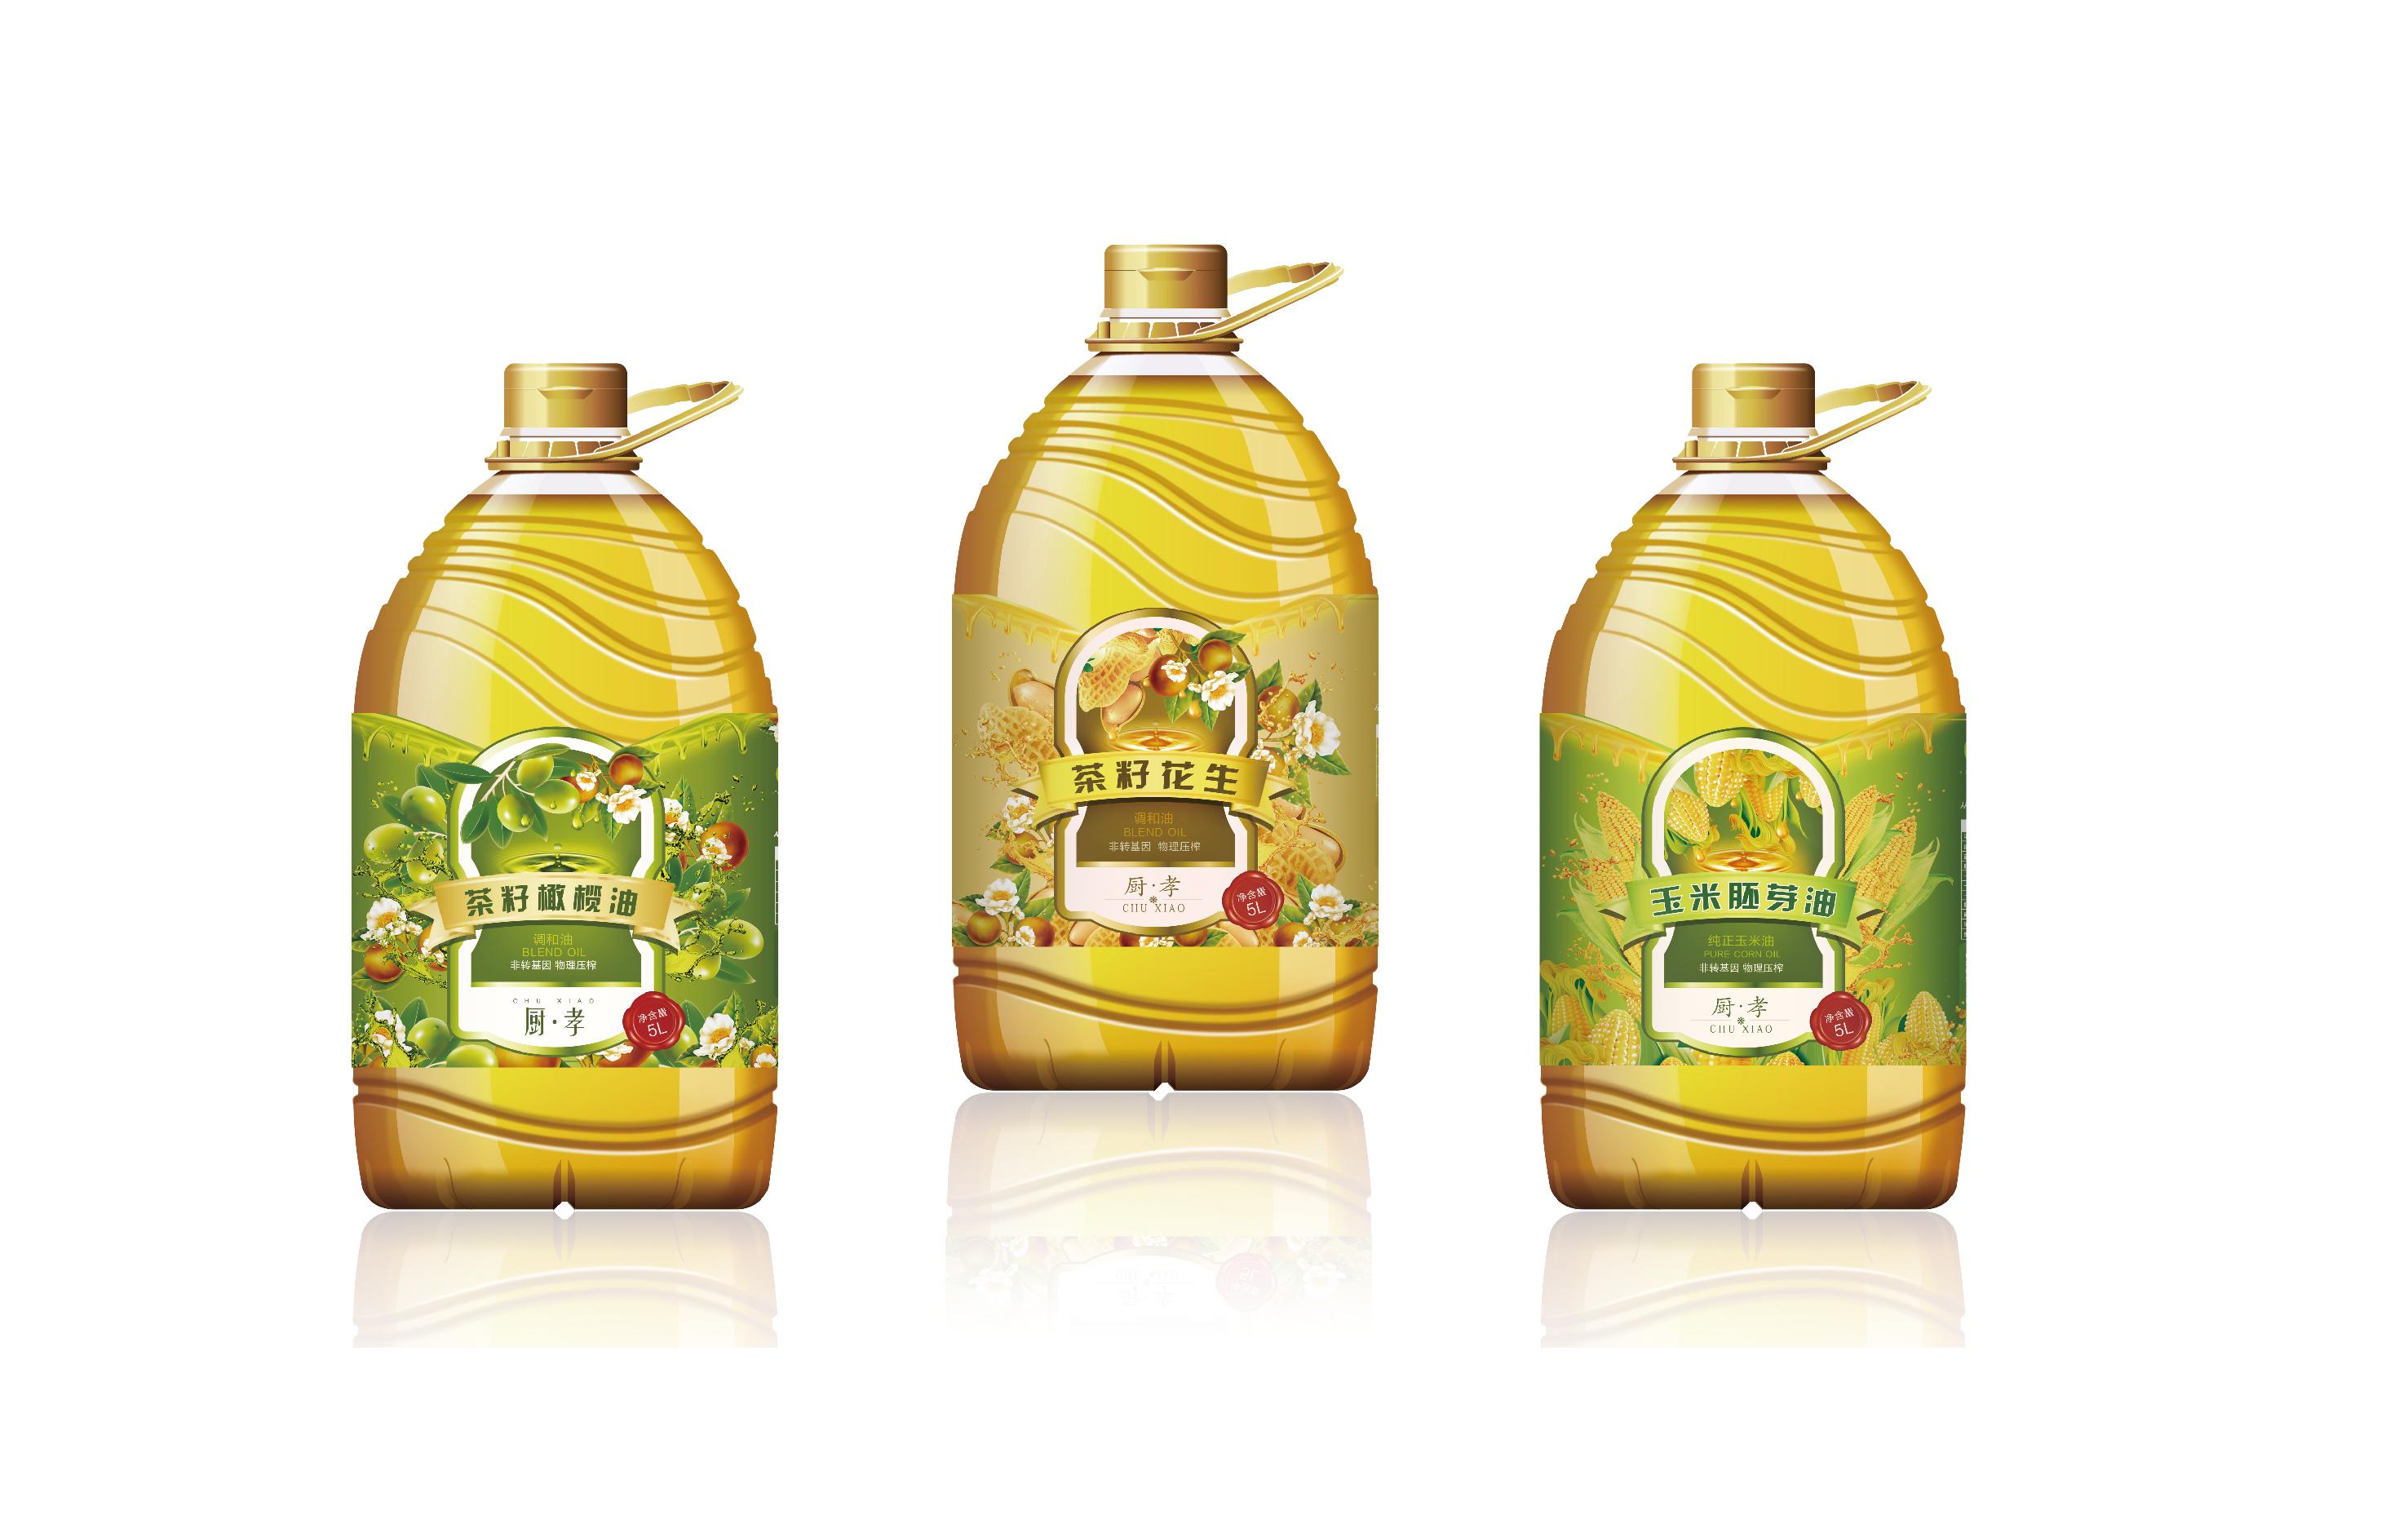 包装设计 包装袋设计   包装盒设计    瓶贴设计 标签